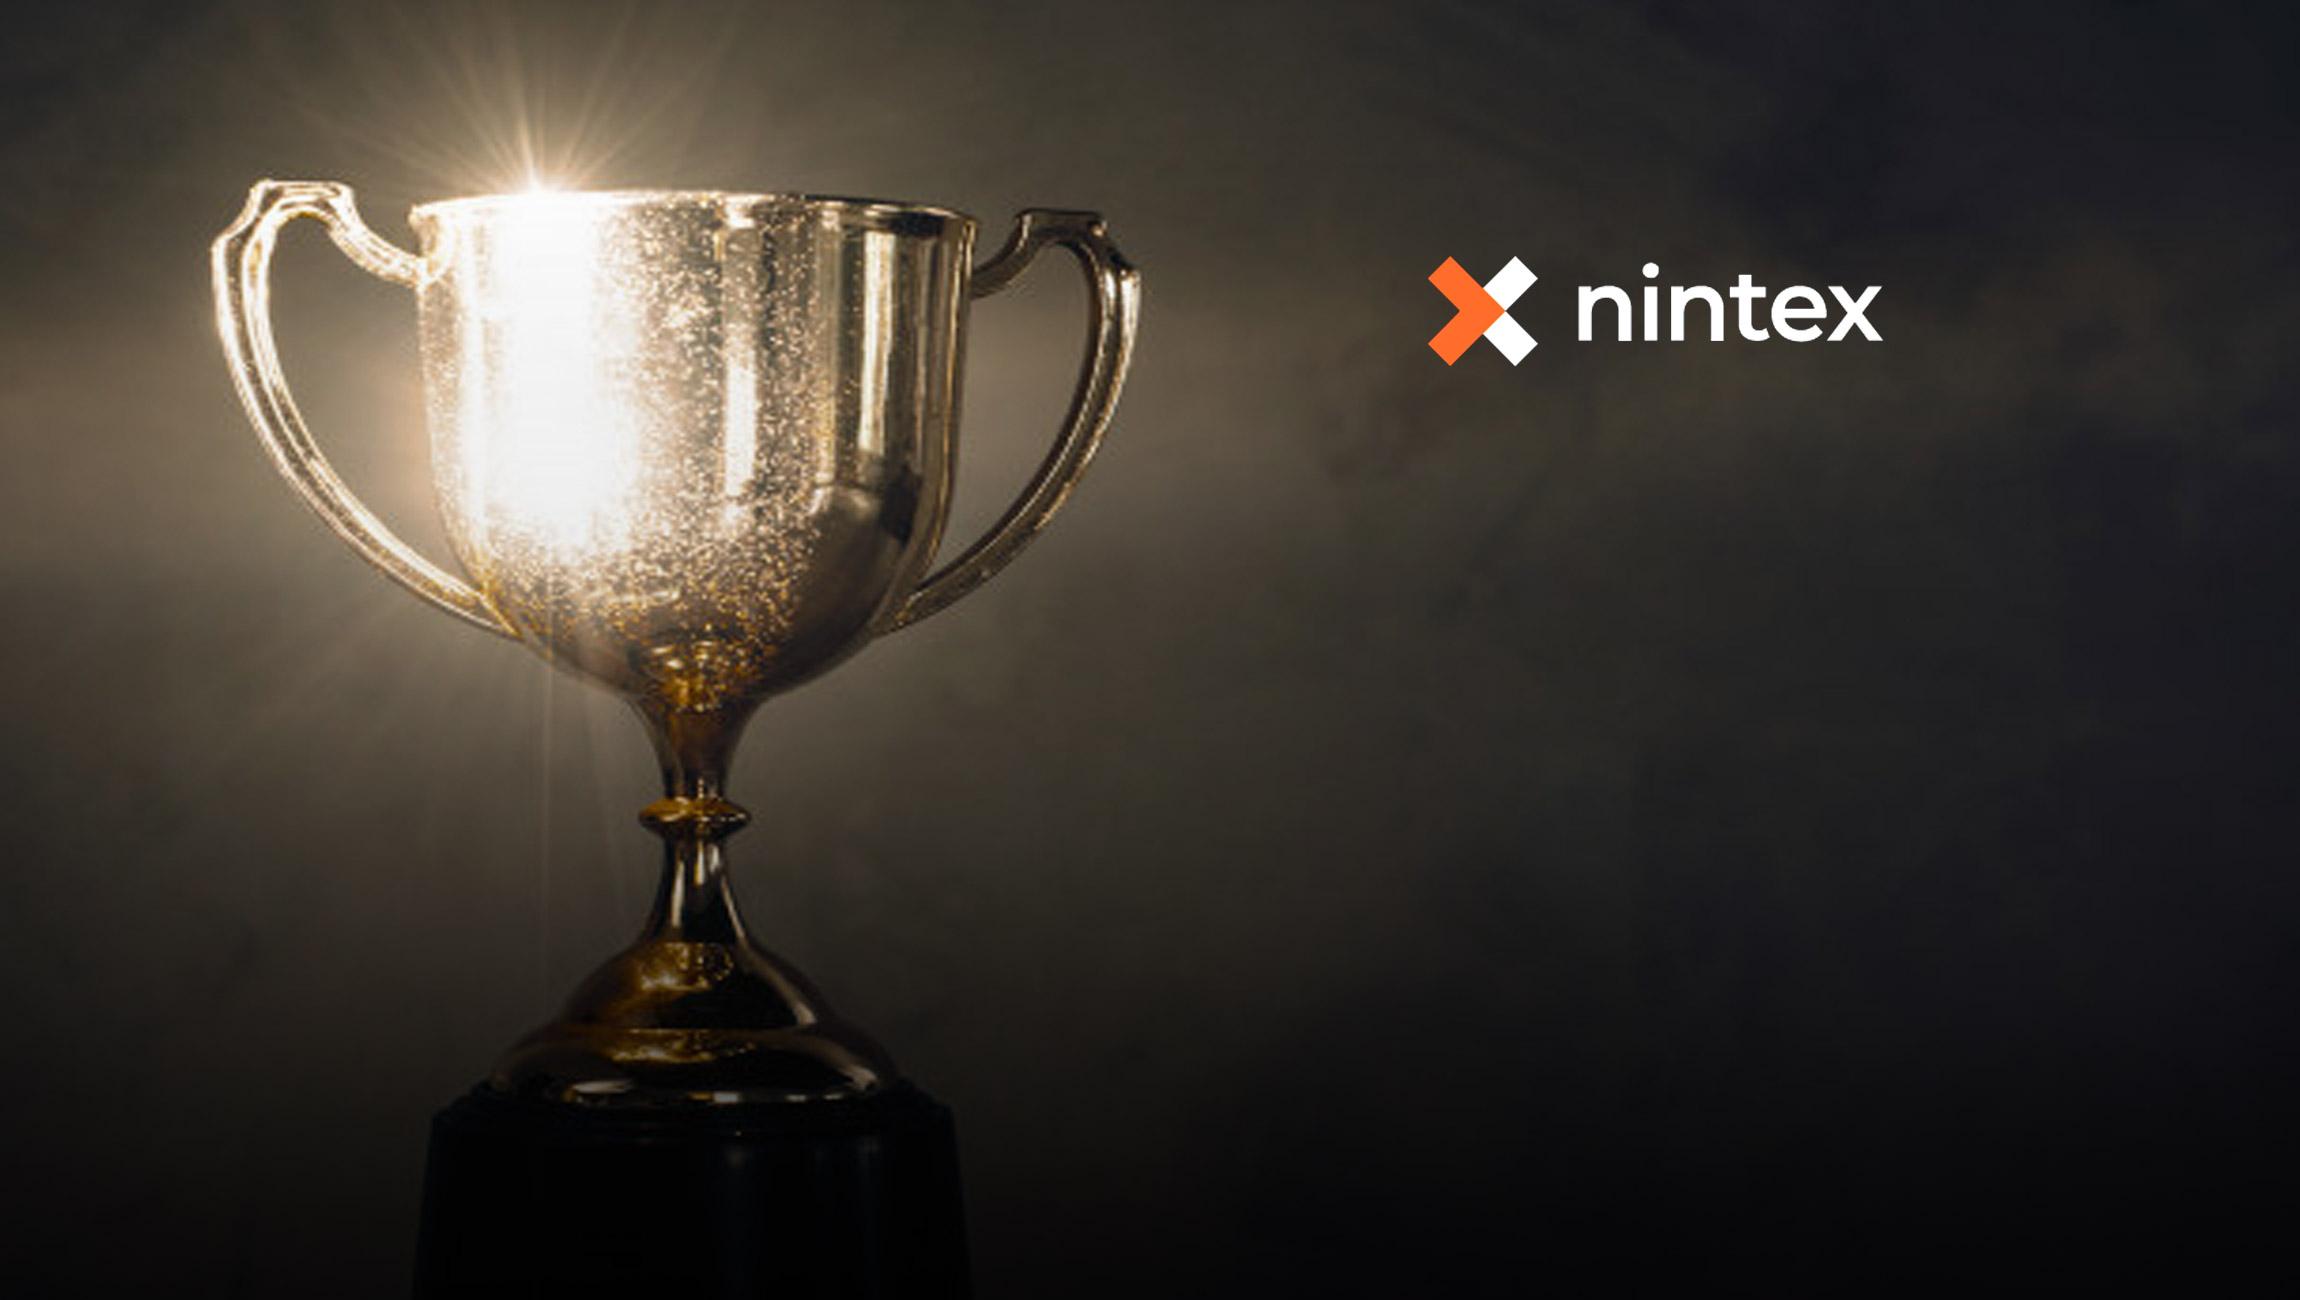 Nintex Honours 18 Organisations with 2021 Nintex Solution Innovation Awards